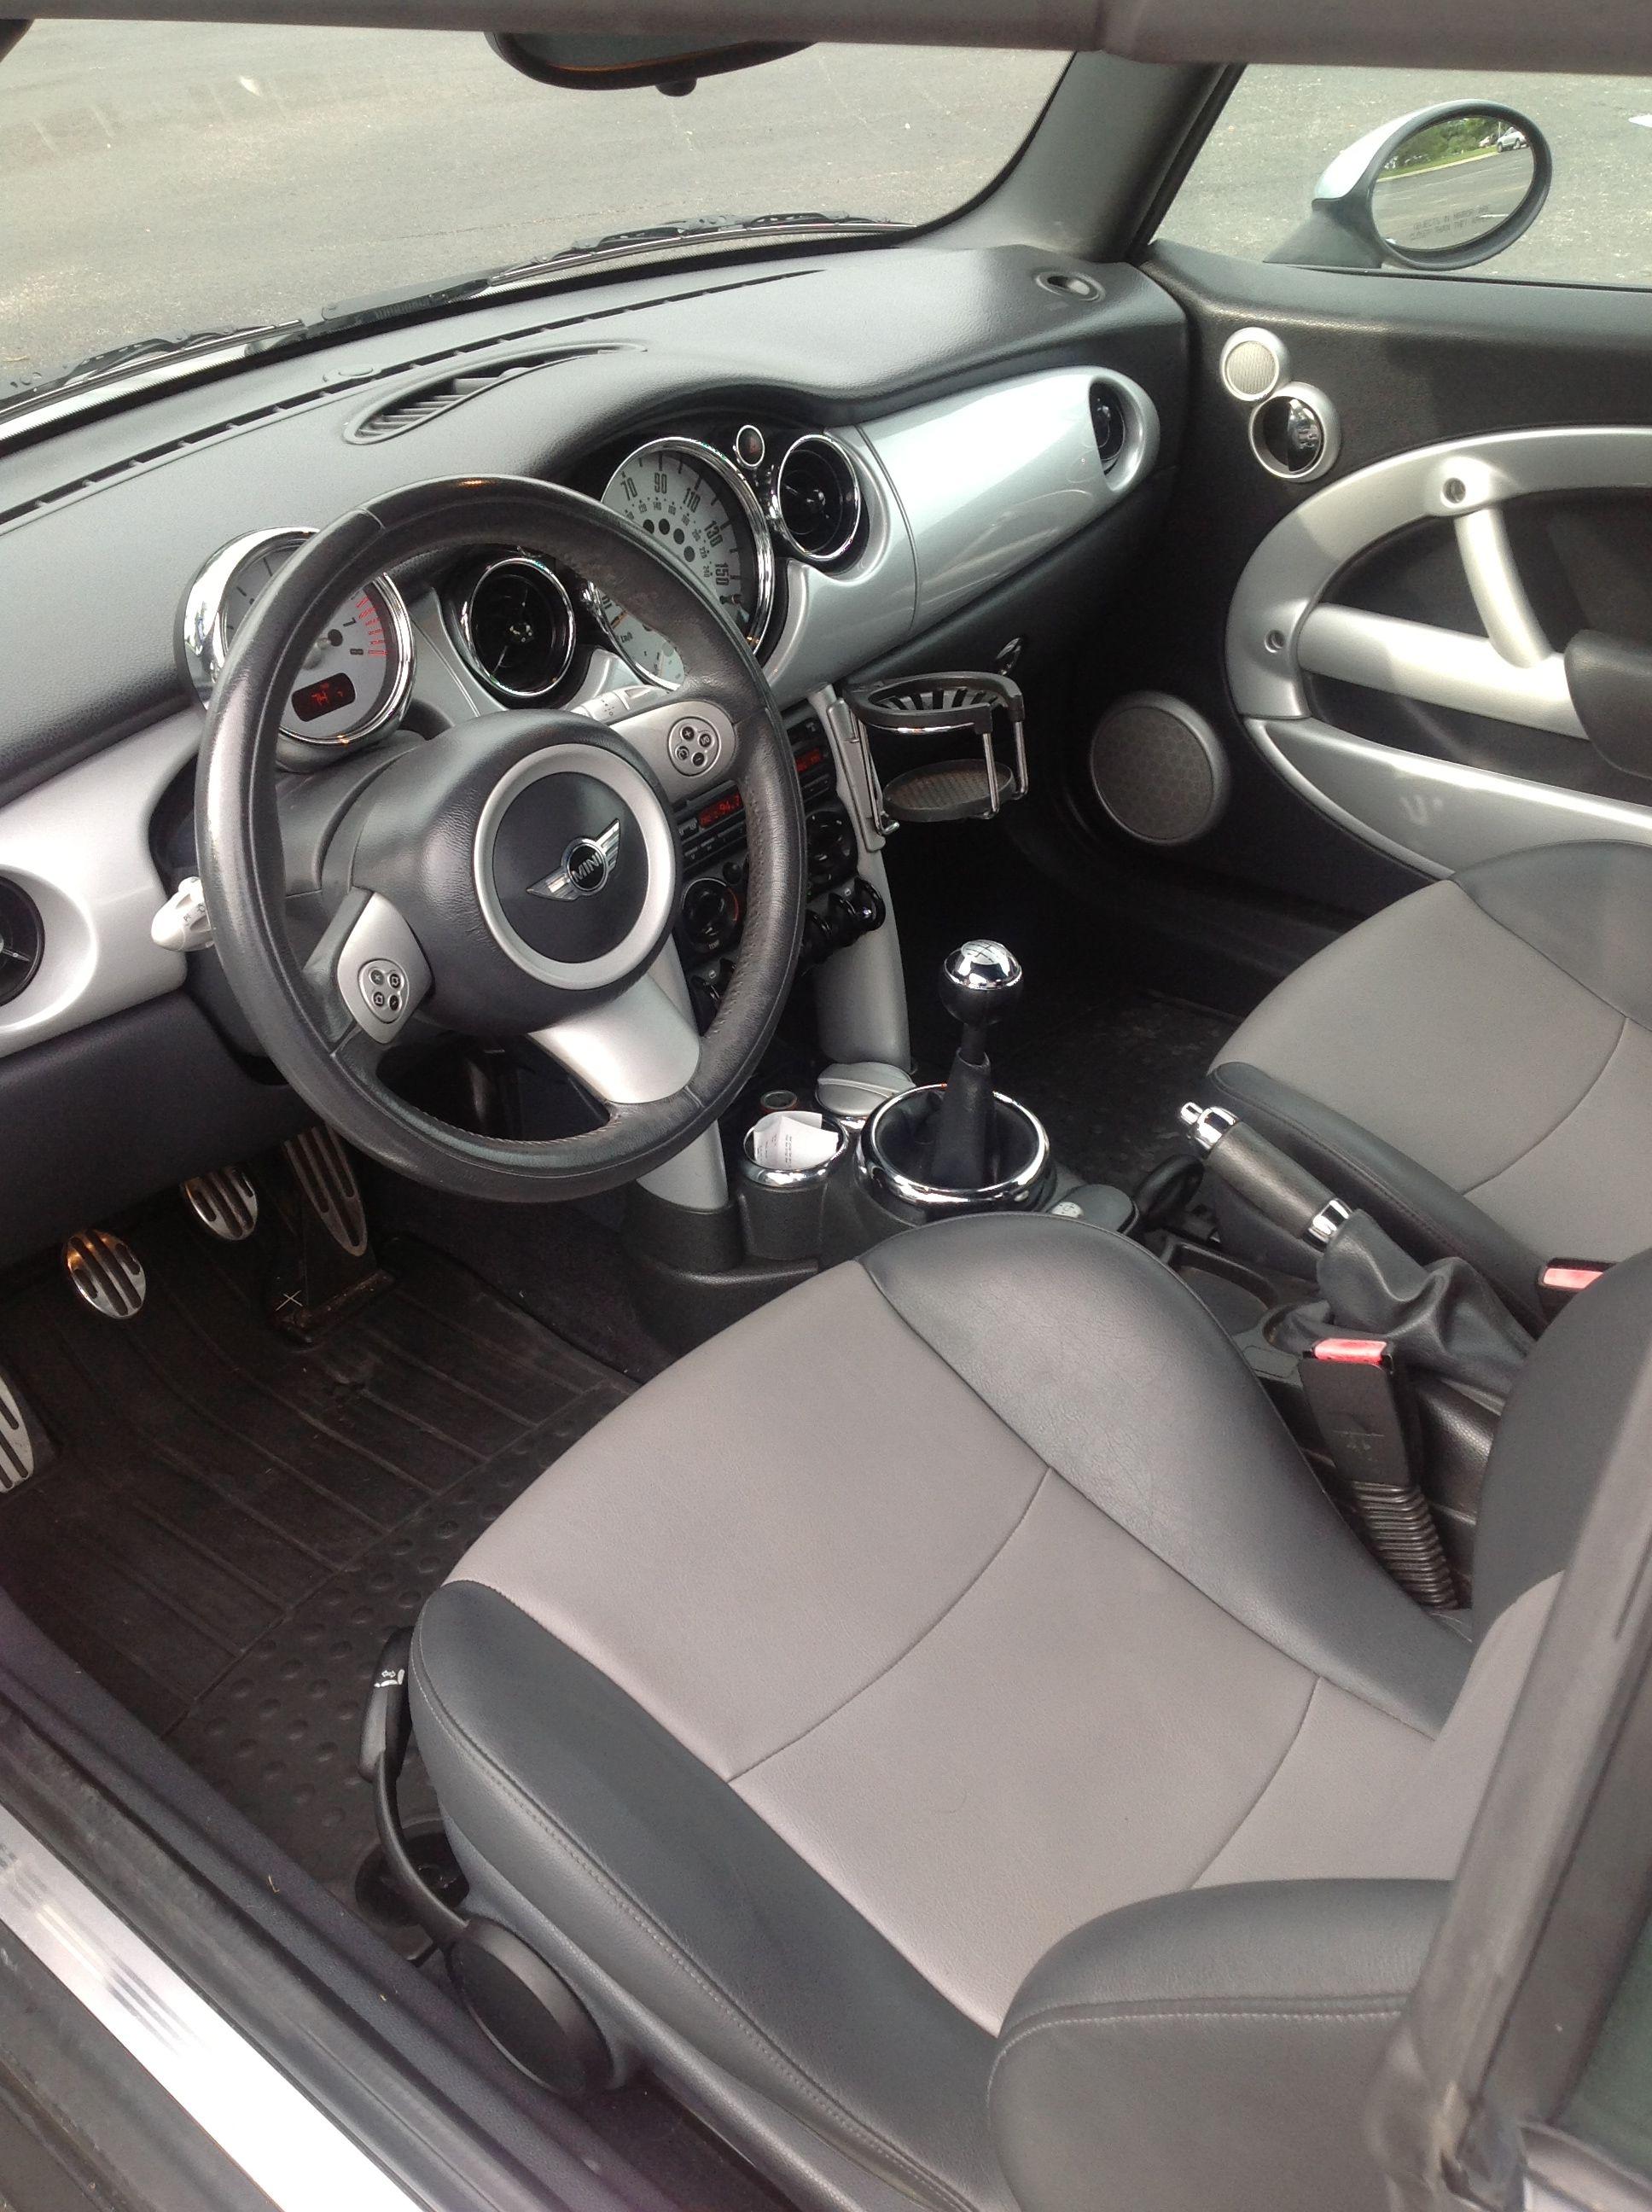 2005 Mini Cooper S Convertible Mileage 65 042 Exterior Color Silver Interior And Material